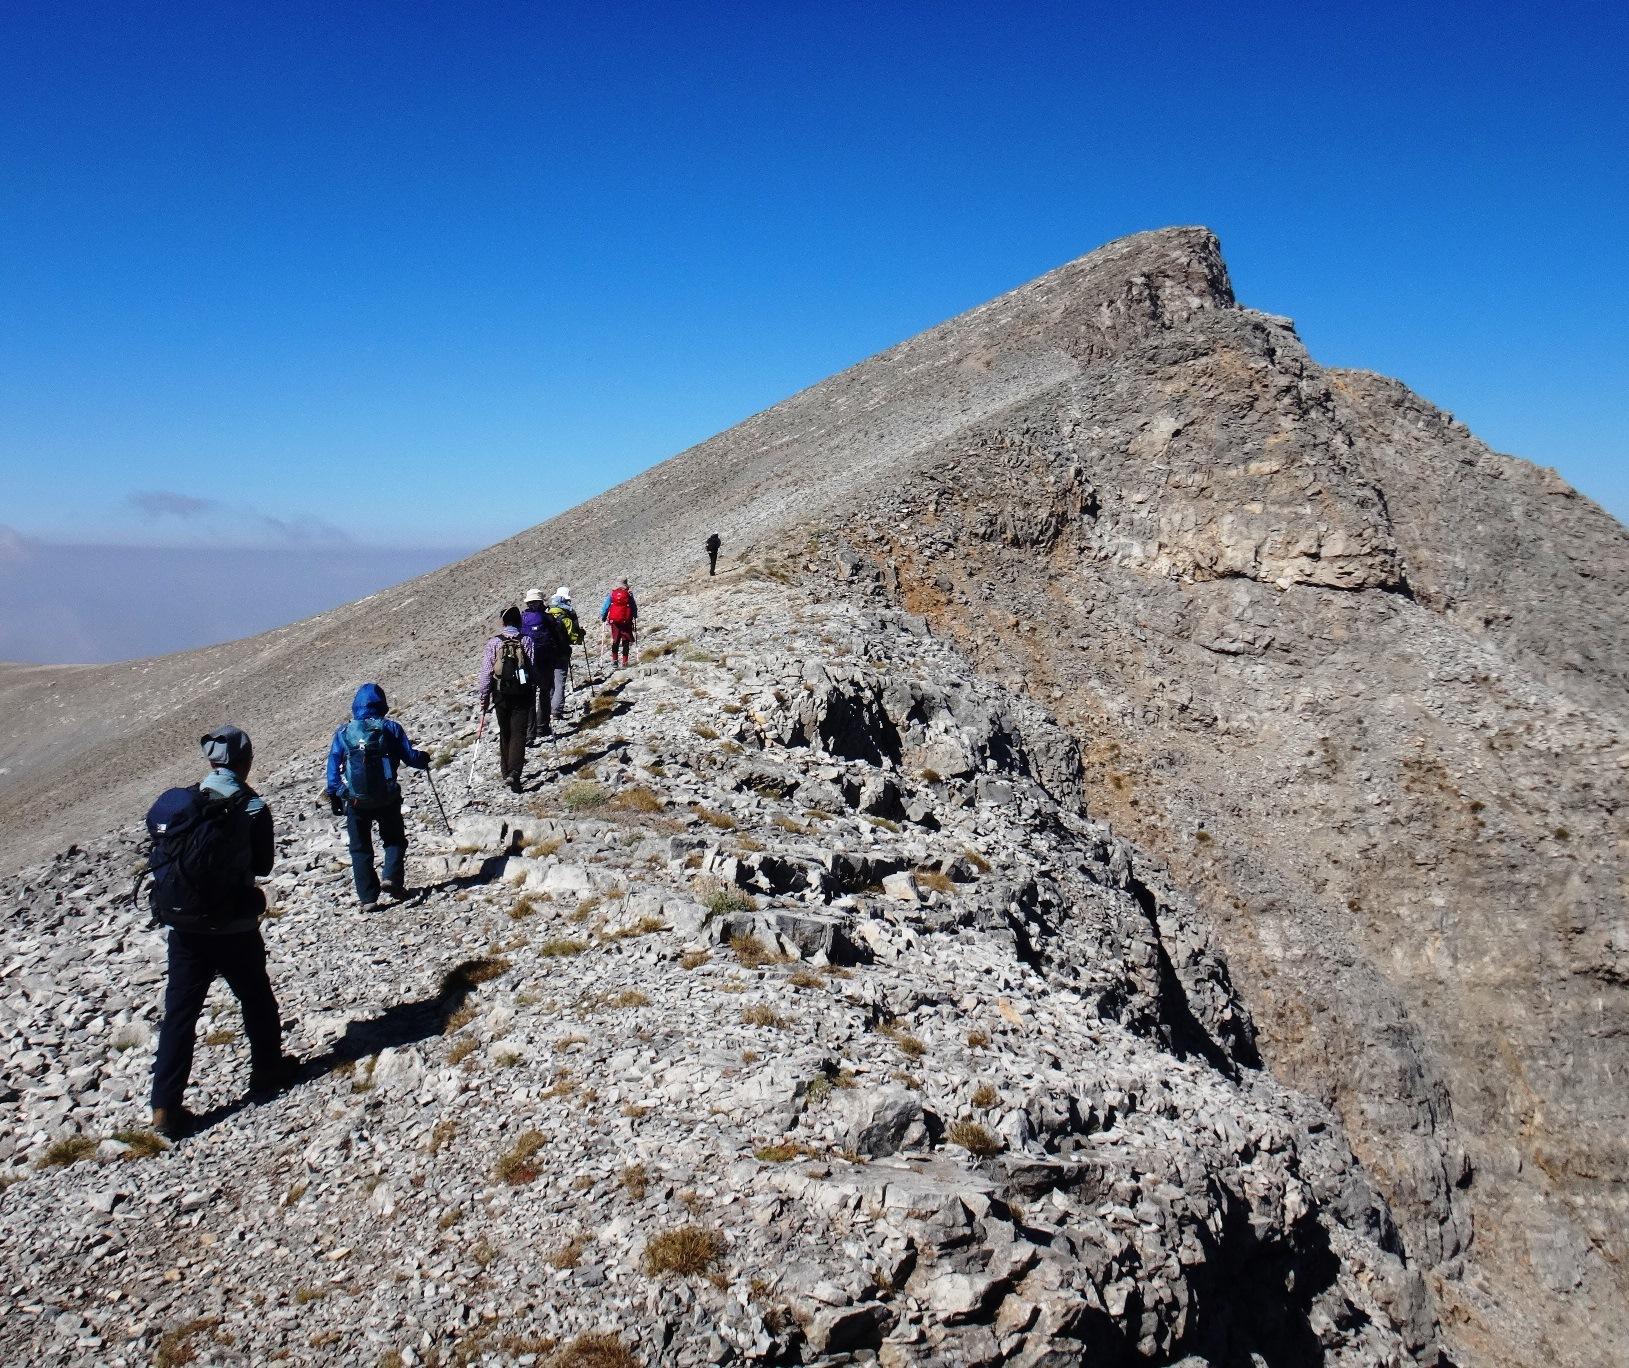 8月19日出発「ギリシャ最高峰オリンポス山登頂と世界遺産メテオラ、エーゲ海クルーズ 10日間」